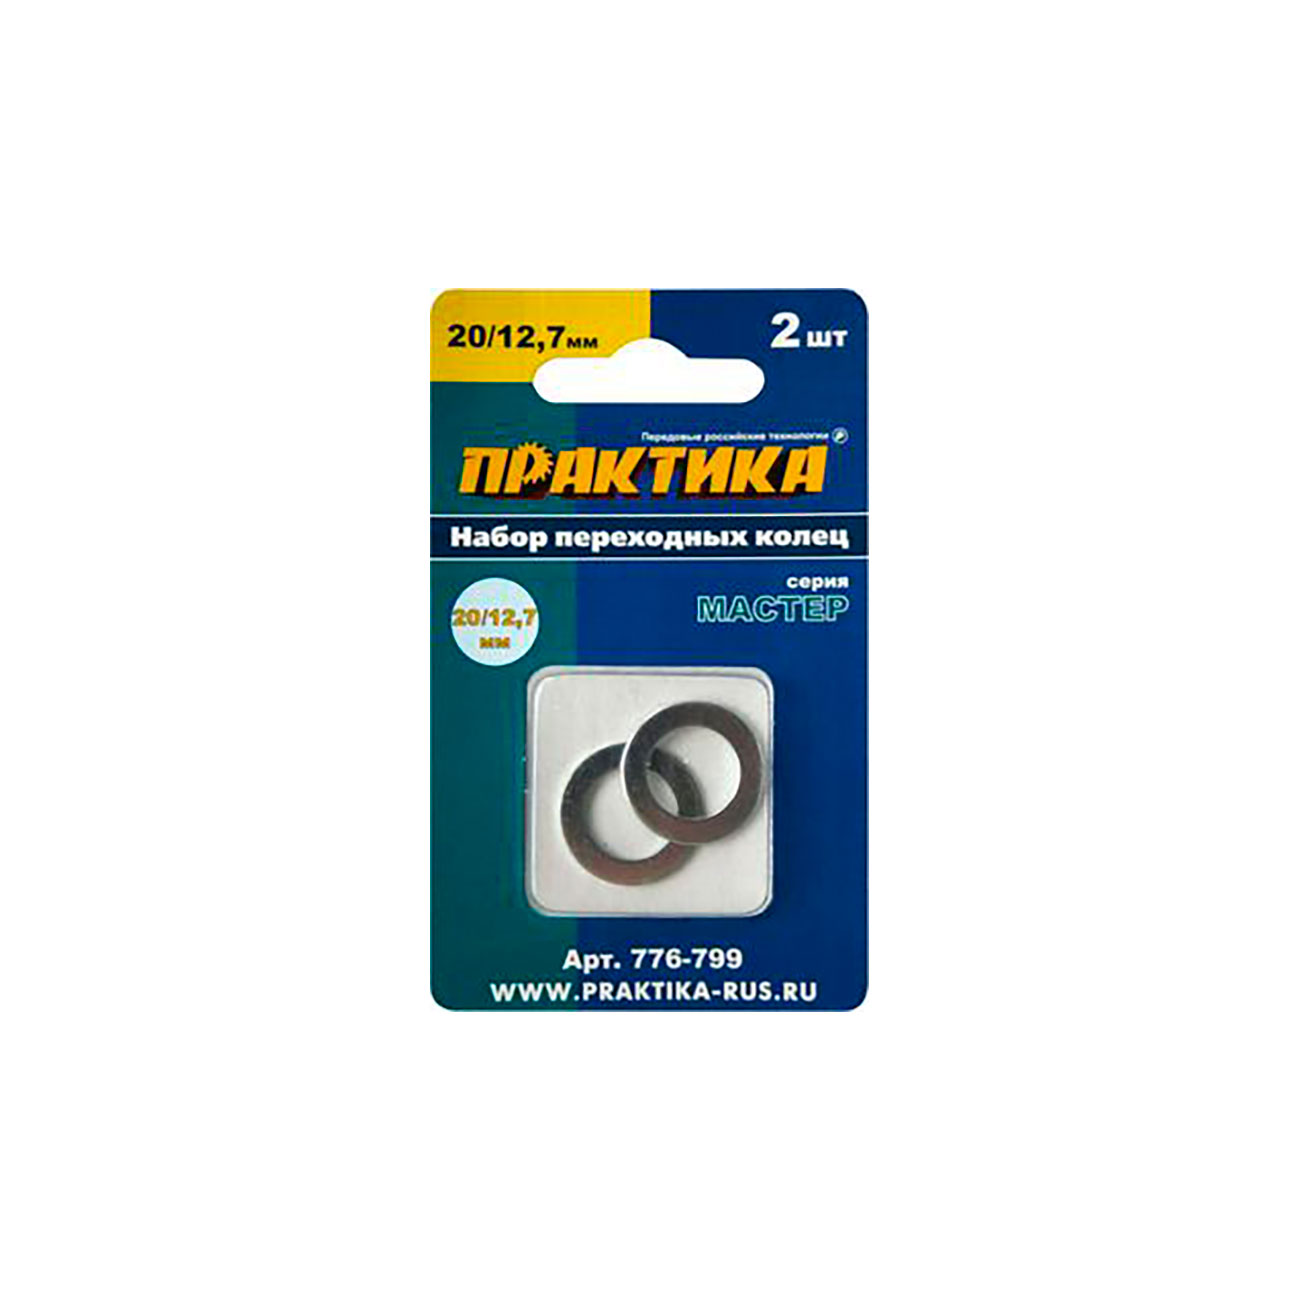 Фото Кольца переходные для дисков 12.7/20 мм Практика Мастер (2 шт) {776-799}